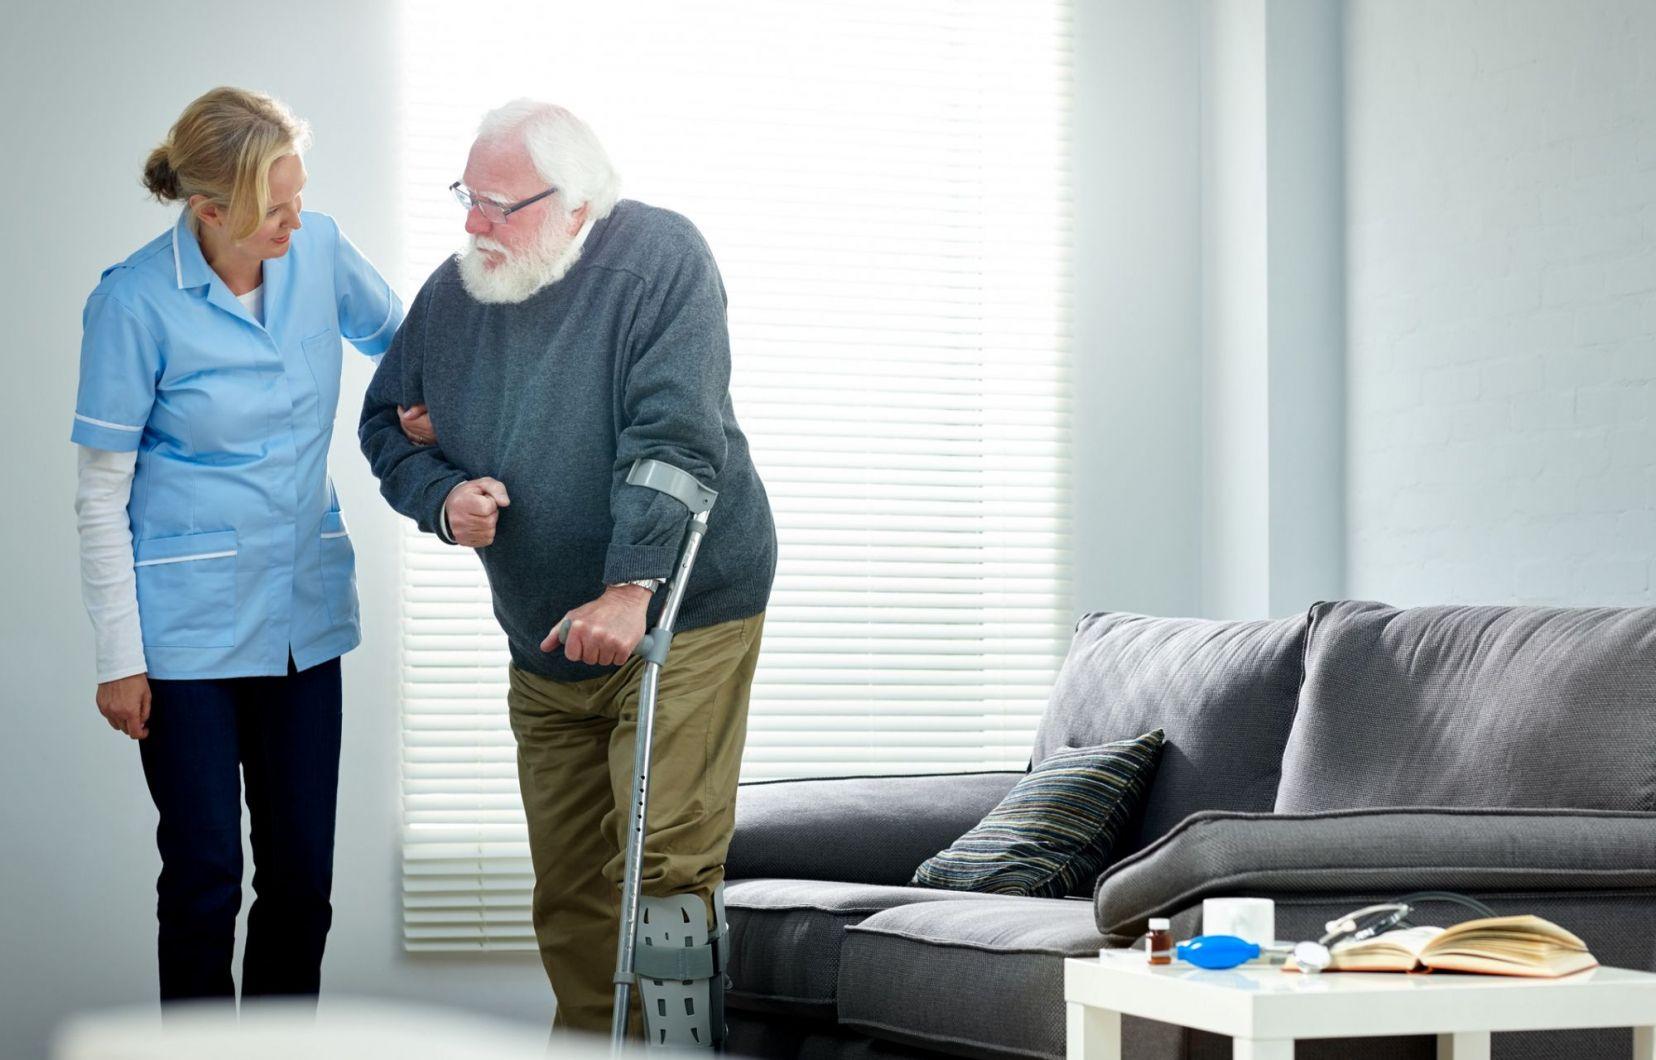 Les soins à domicile pour améliorer son état de santé